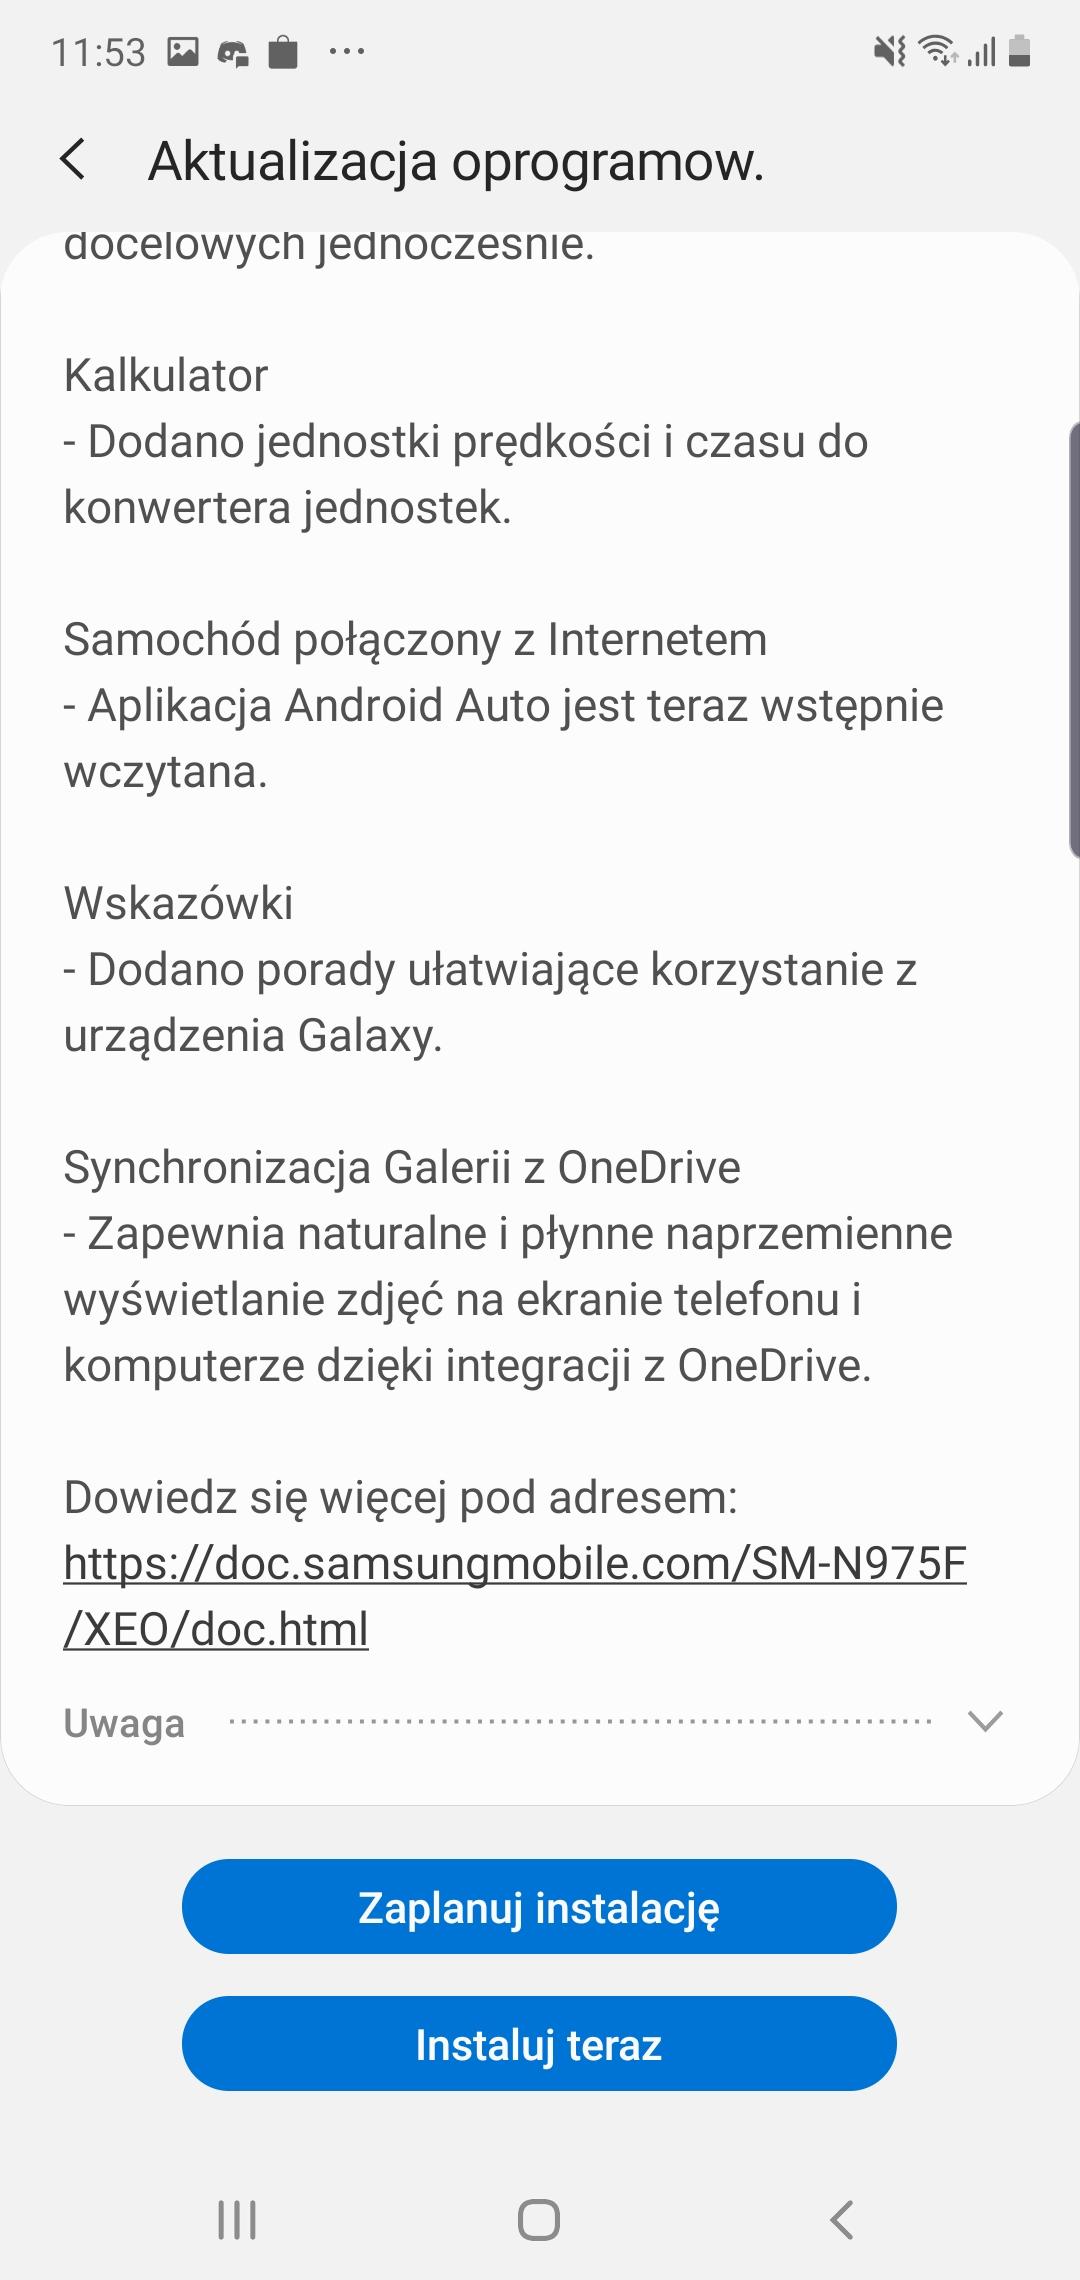 Samsung Galaxy Note 10+ dostaje aktualizację do Androida 10 i One UI 2 w Polsce! 24